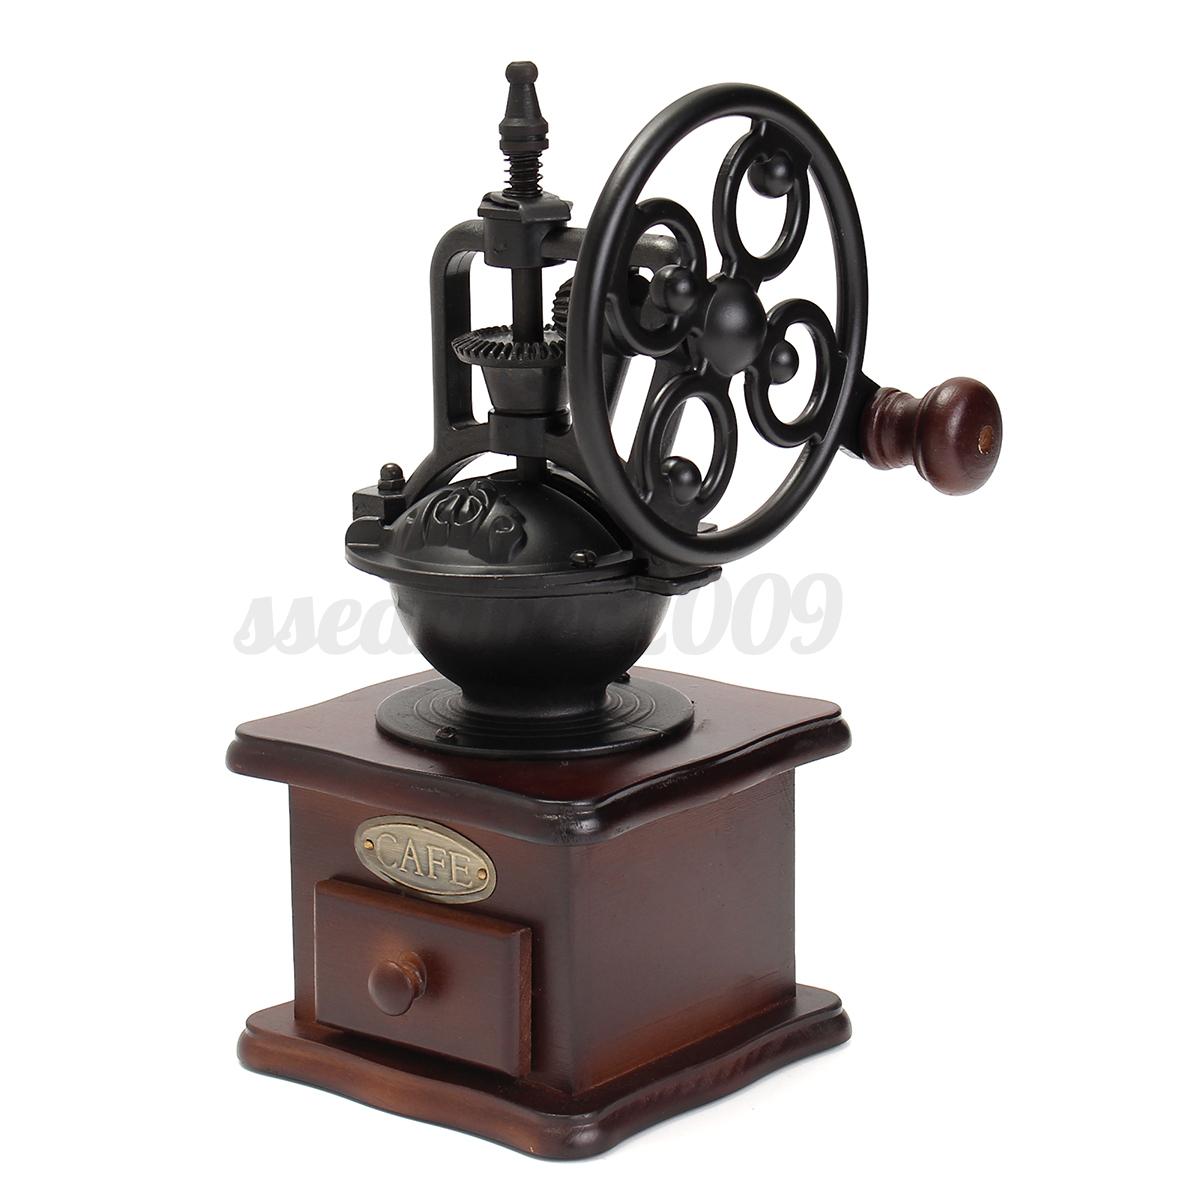 vintage moulin broyeur caf expresso cafeti re machine manuel en bois fer ebay. Black Bedroom Furniture Sets. Home Design Ideas